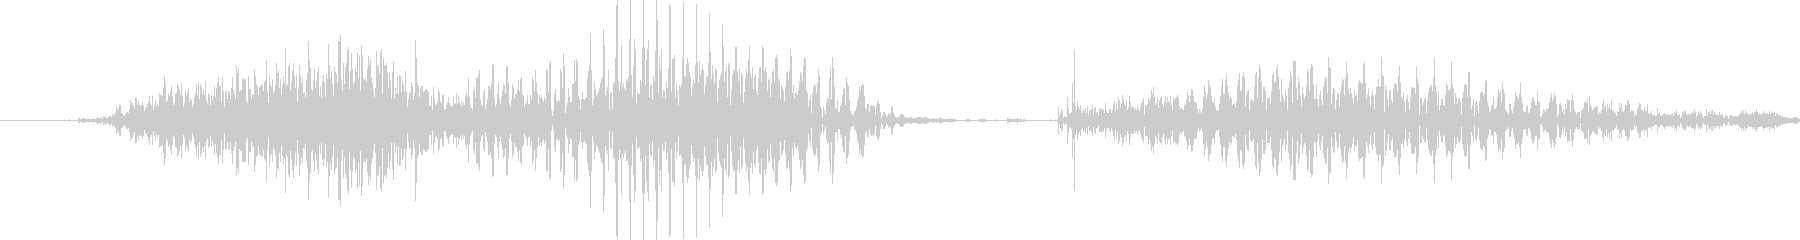 サンキューの未再生の波形